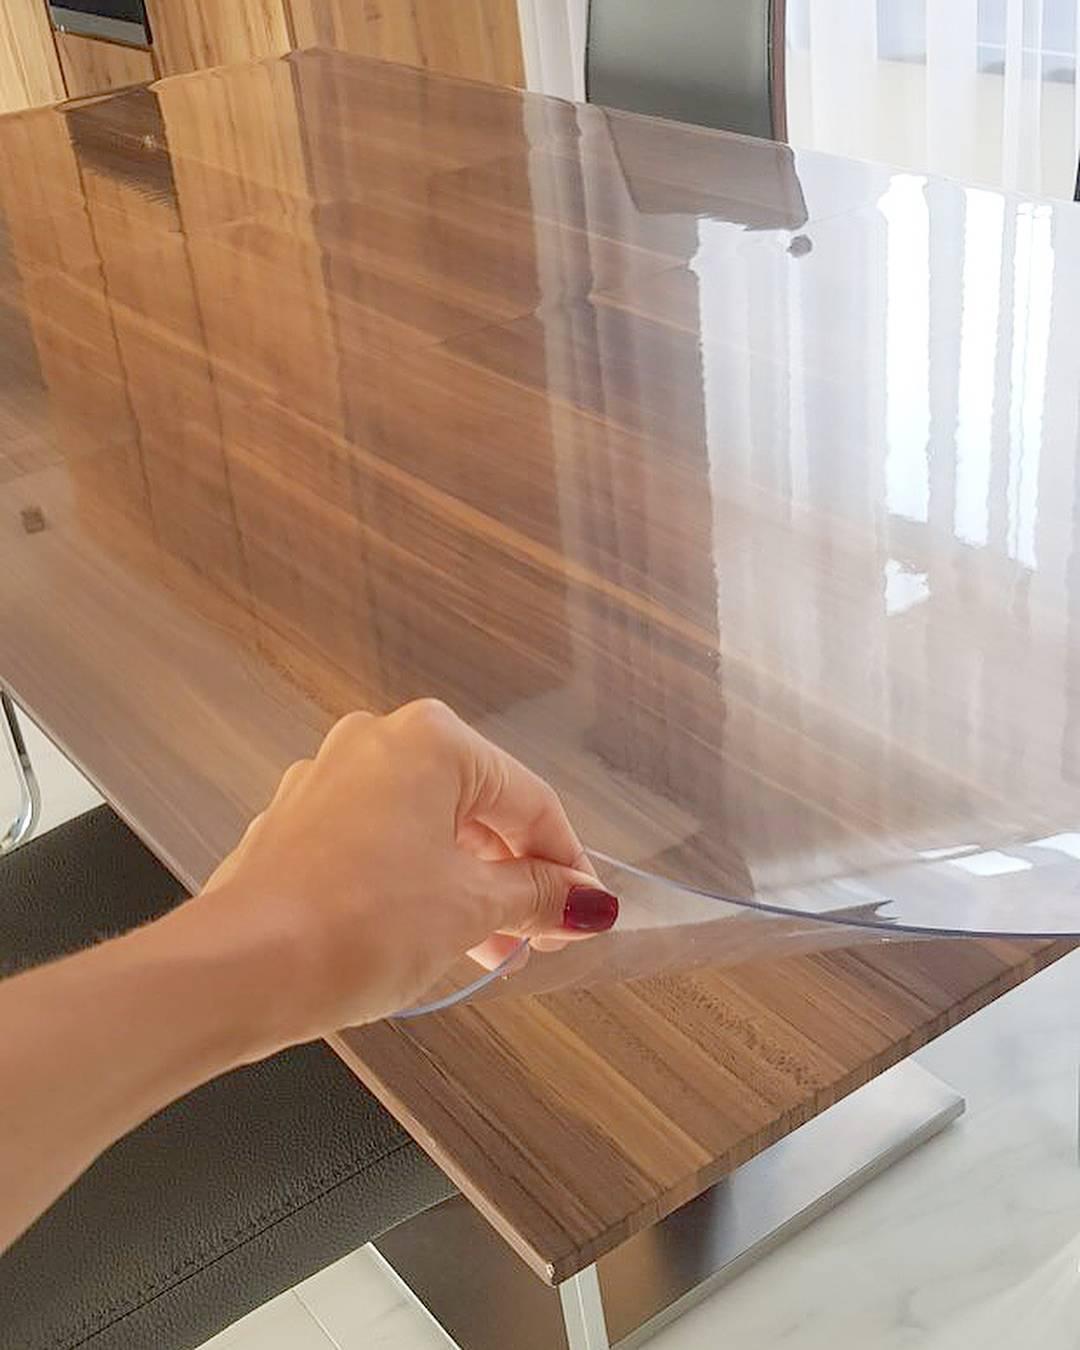 Пленка на стол: прозрачные защитные силиконовые и толстые пленки из пвх, жидкое стекло для кухонной столешницы и другие виды